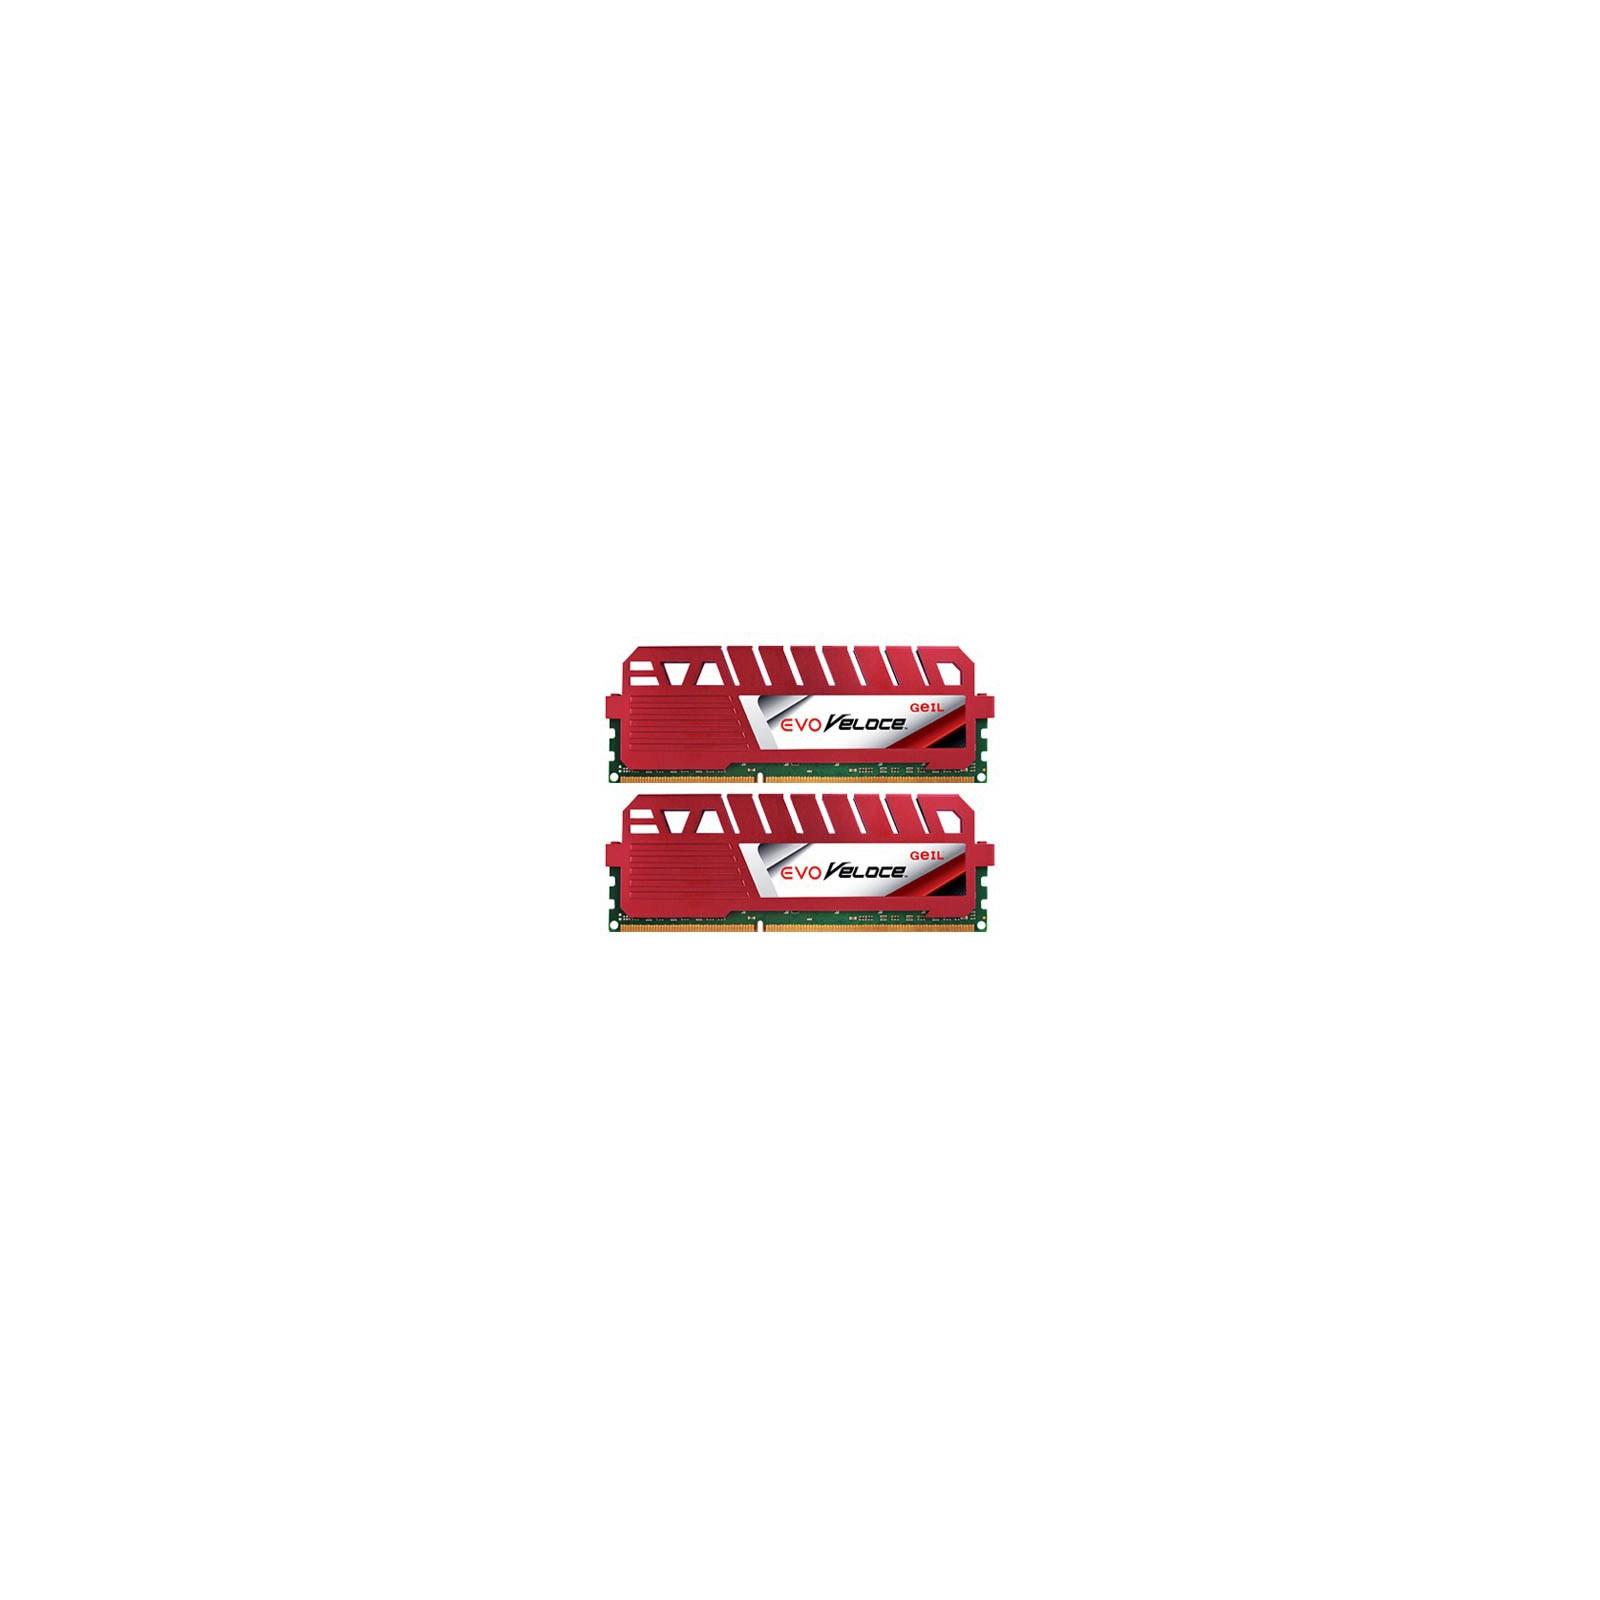 Модуль памяти для компьютера DDR3 16GB (2x8GB) 2400 MHz GEIL (GEL316GB2400C11ADC)